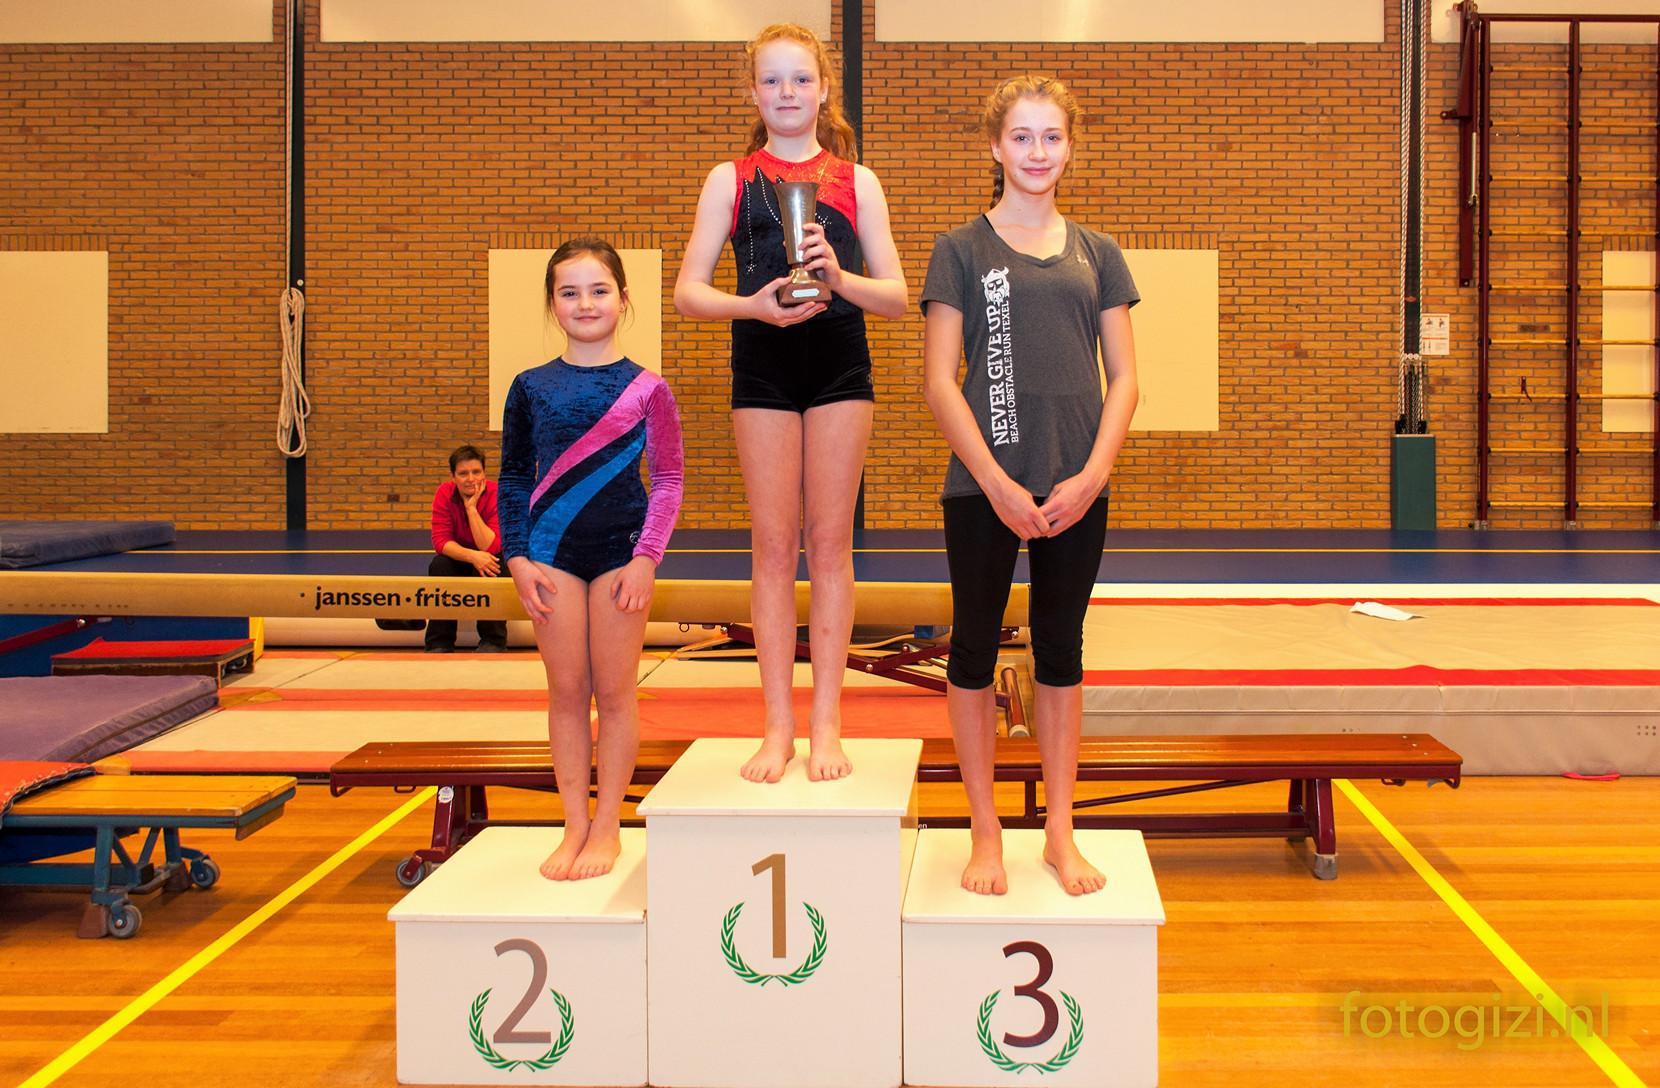 Mesa van den Elst CLUBKAMPIOEN Gymnastiek Vereniging Texel